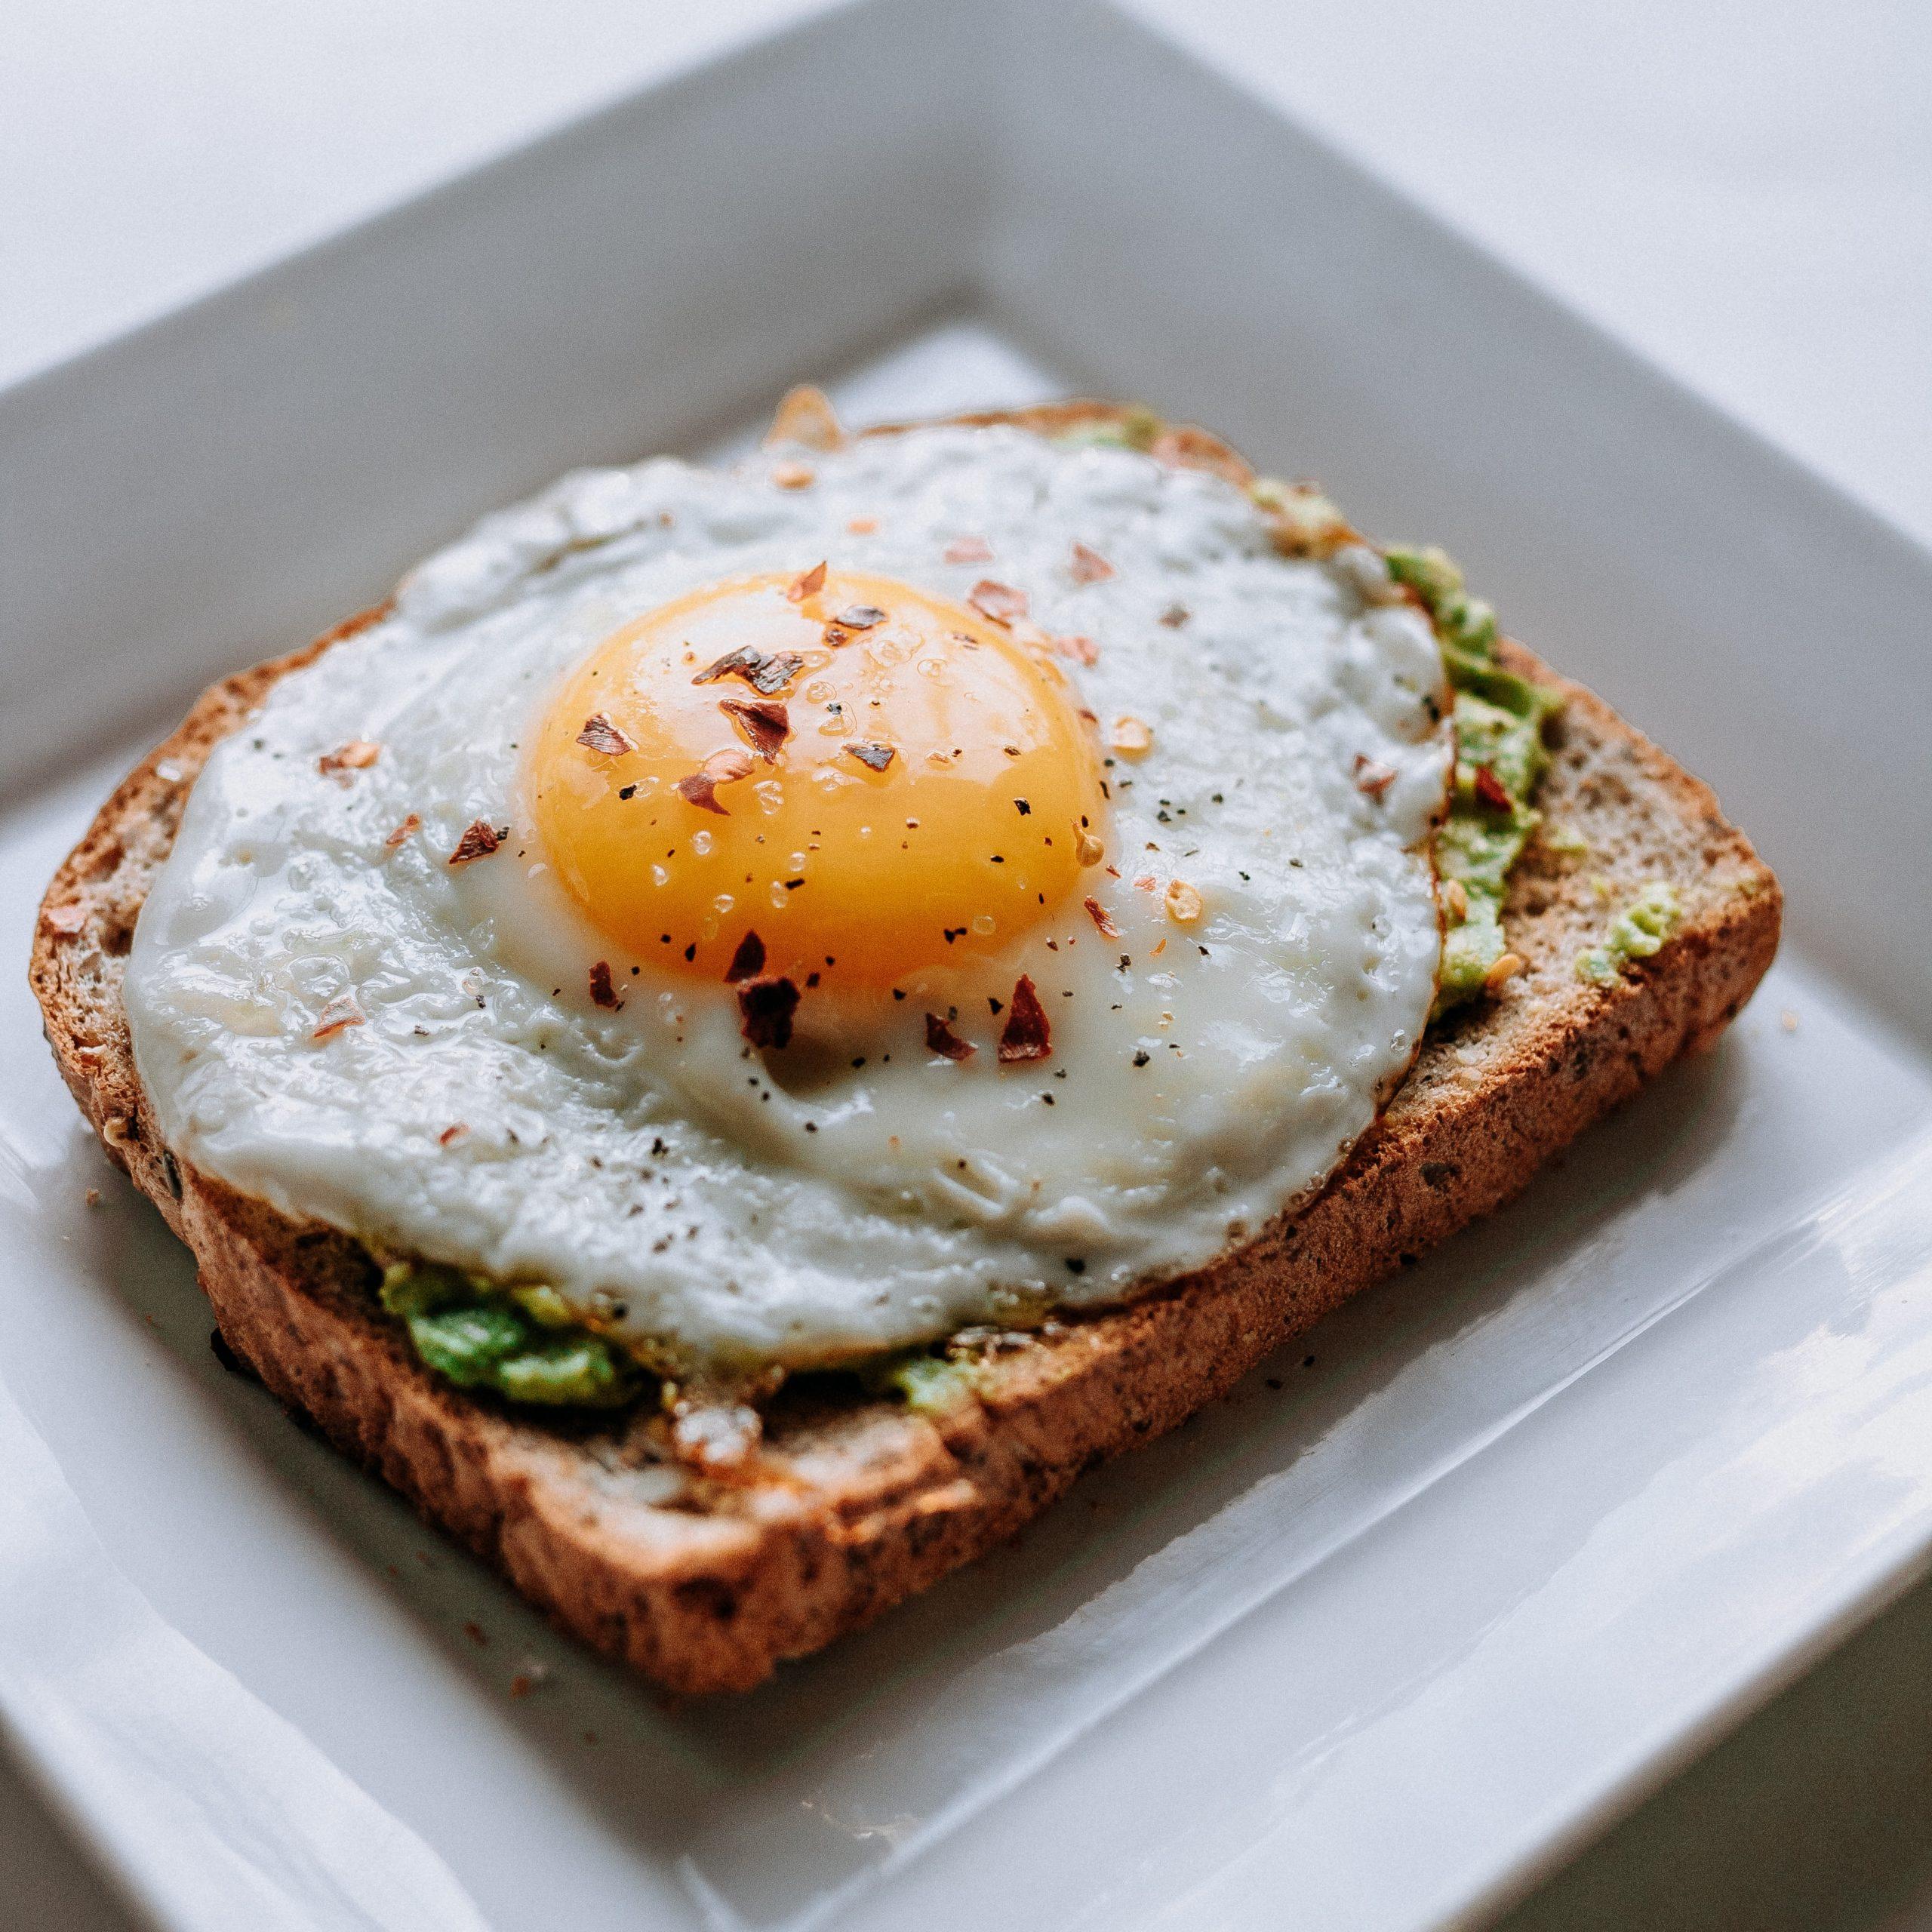 『早餐篇』減肥外食該怎麼挑選?